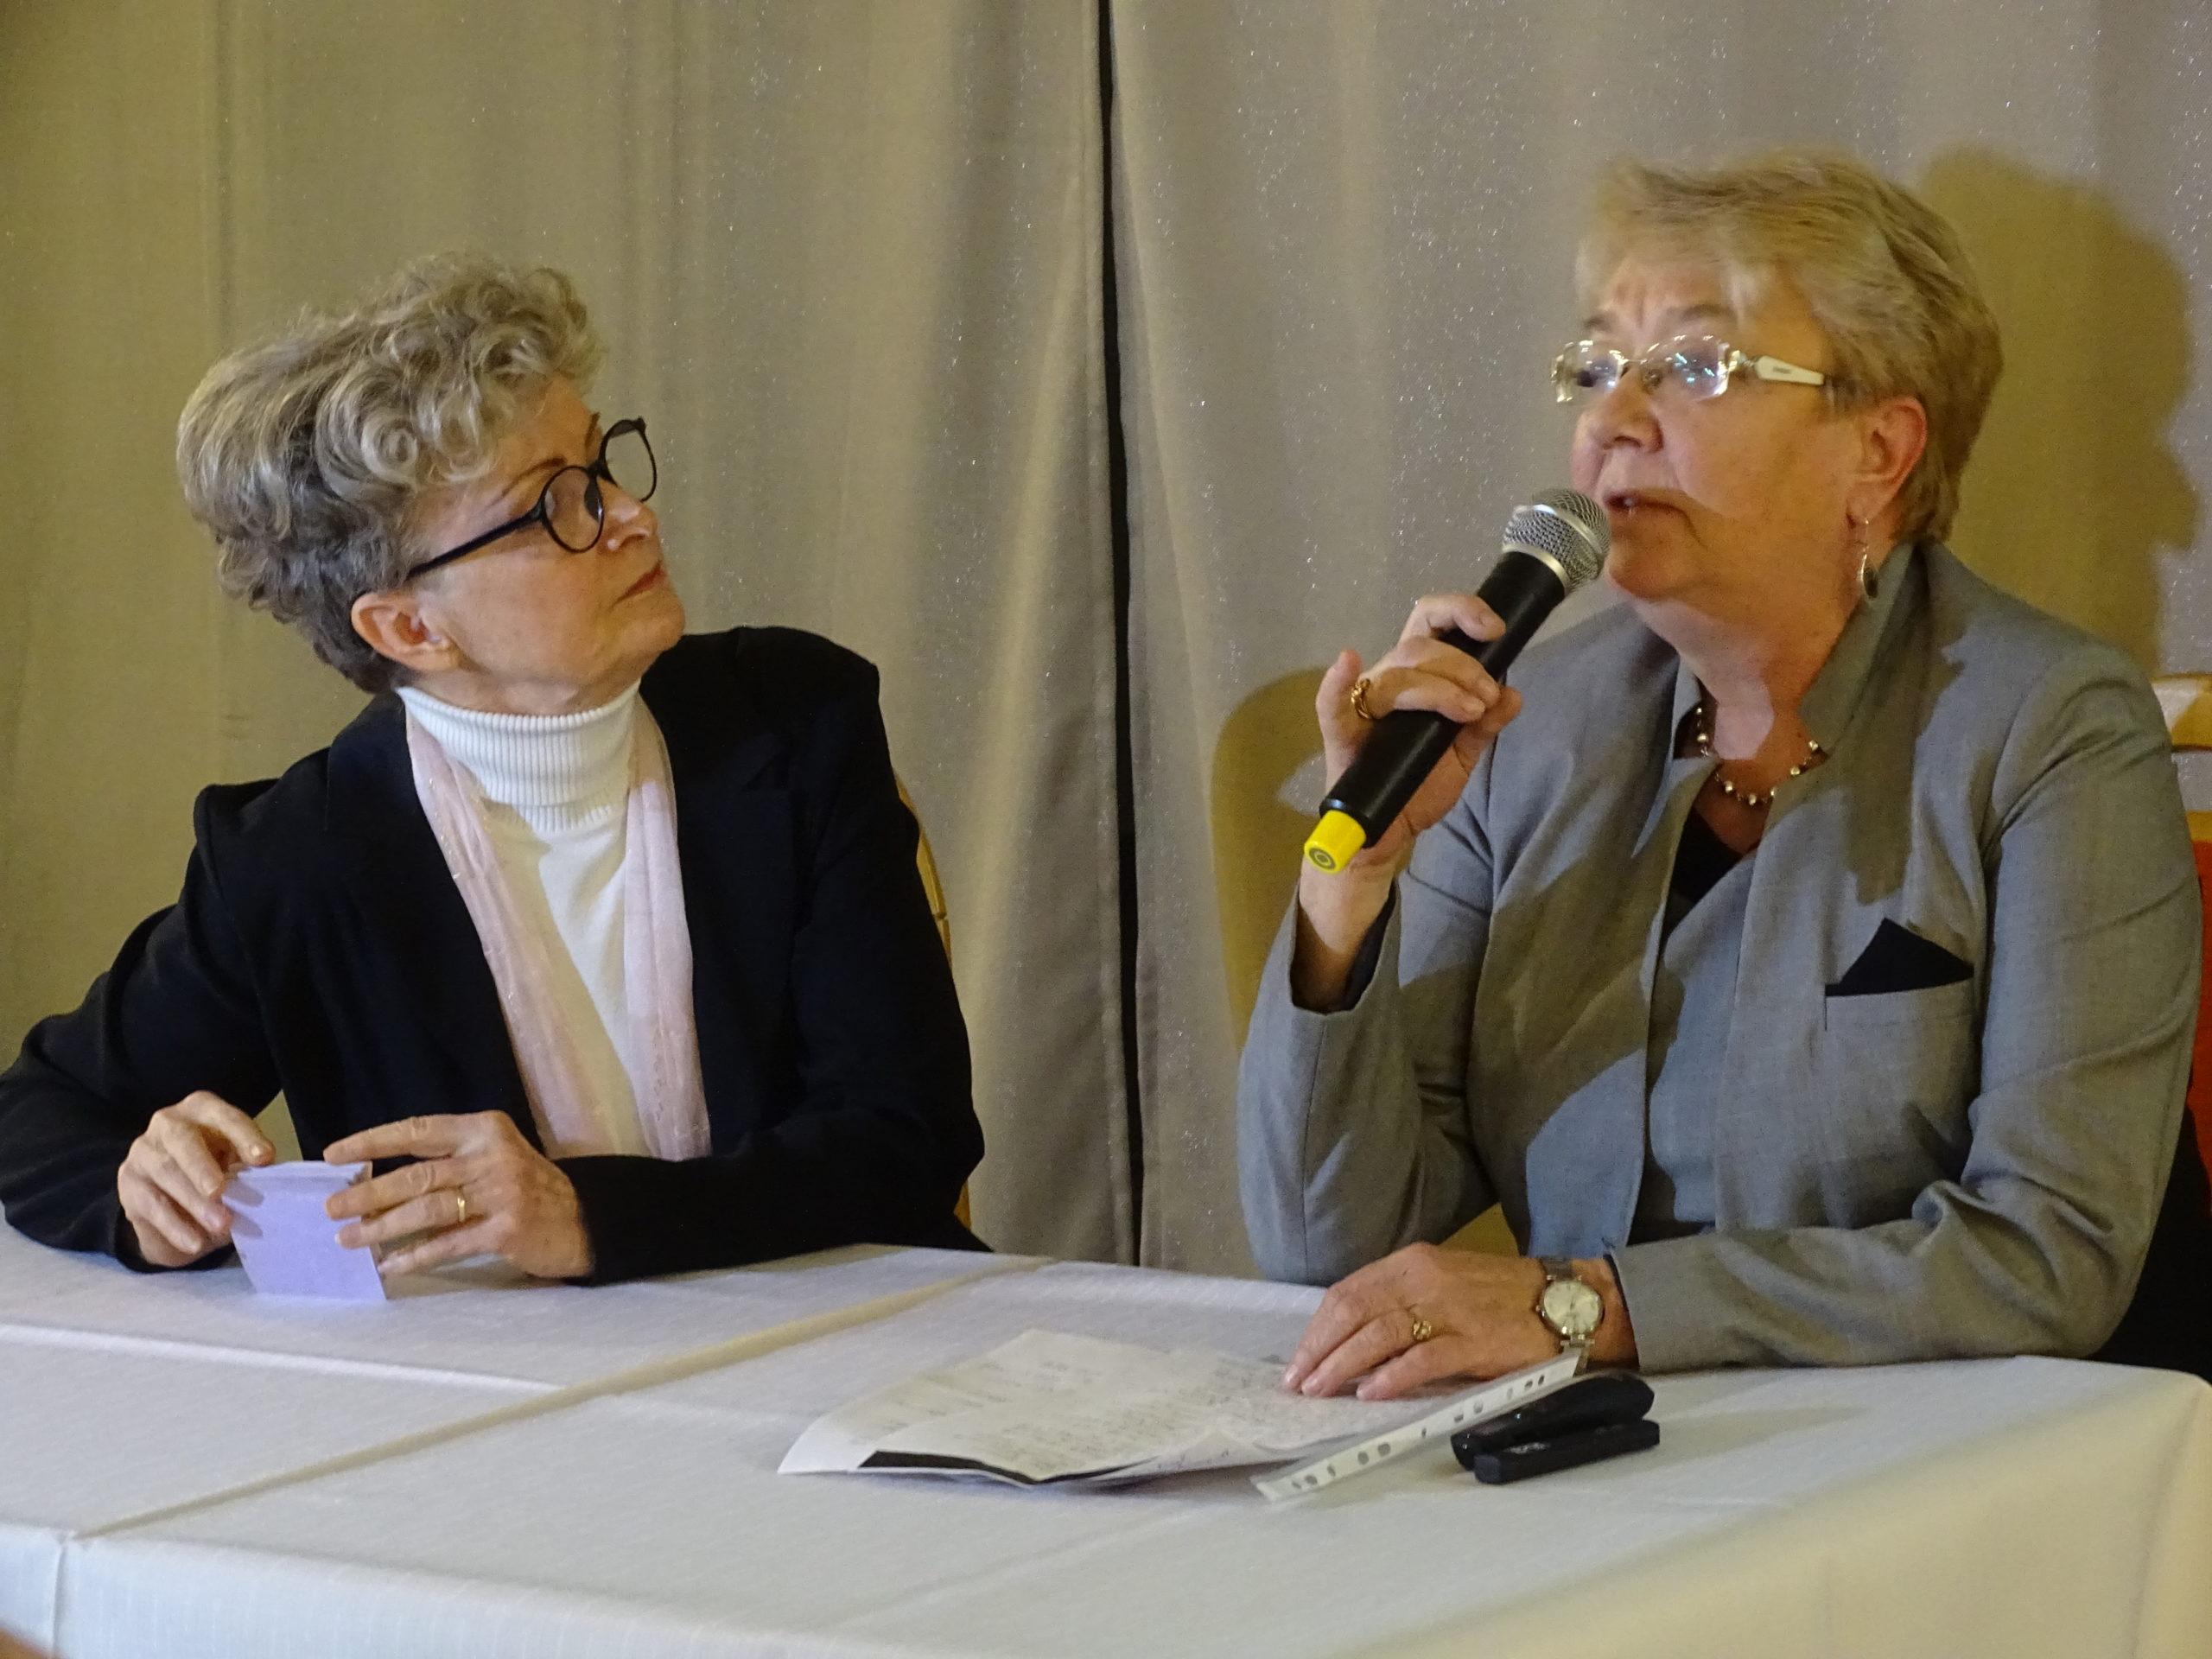 Stanisławę Morończyk wspominały Jolanta Morończyk i Małgorzata Morończyk